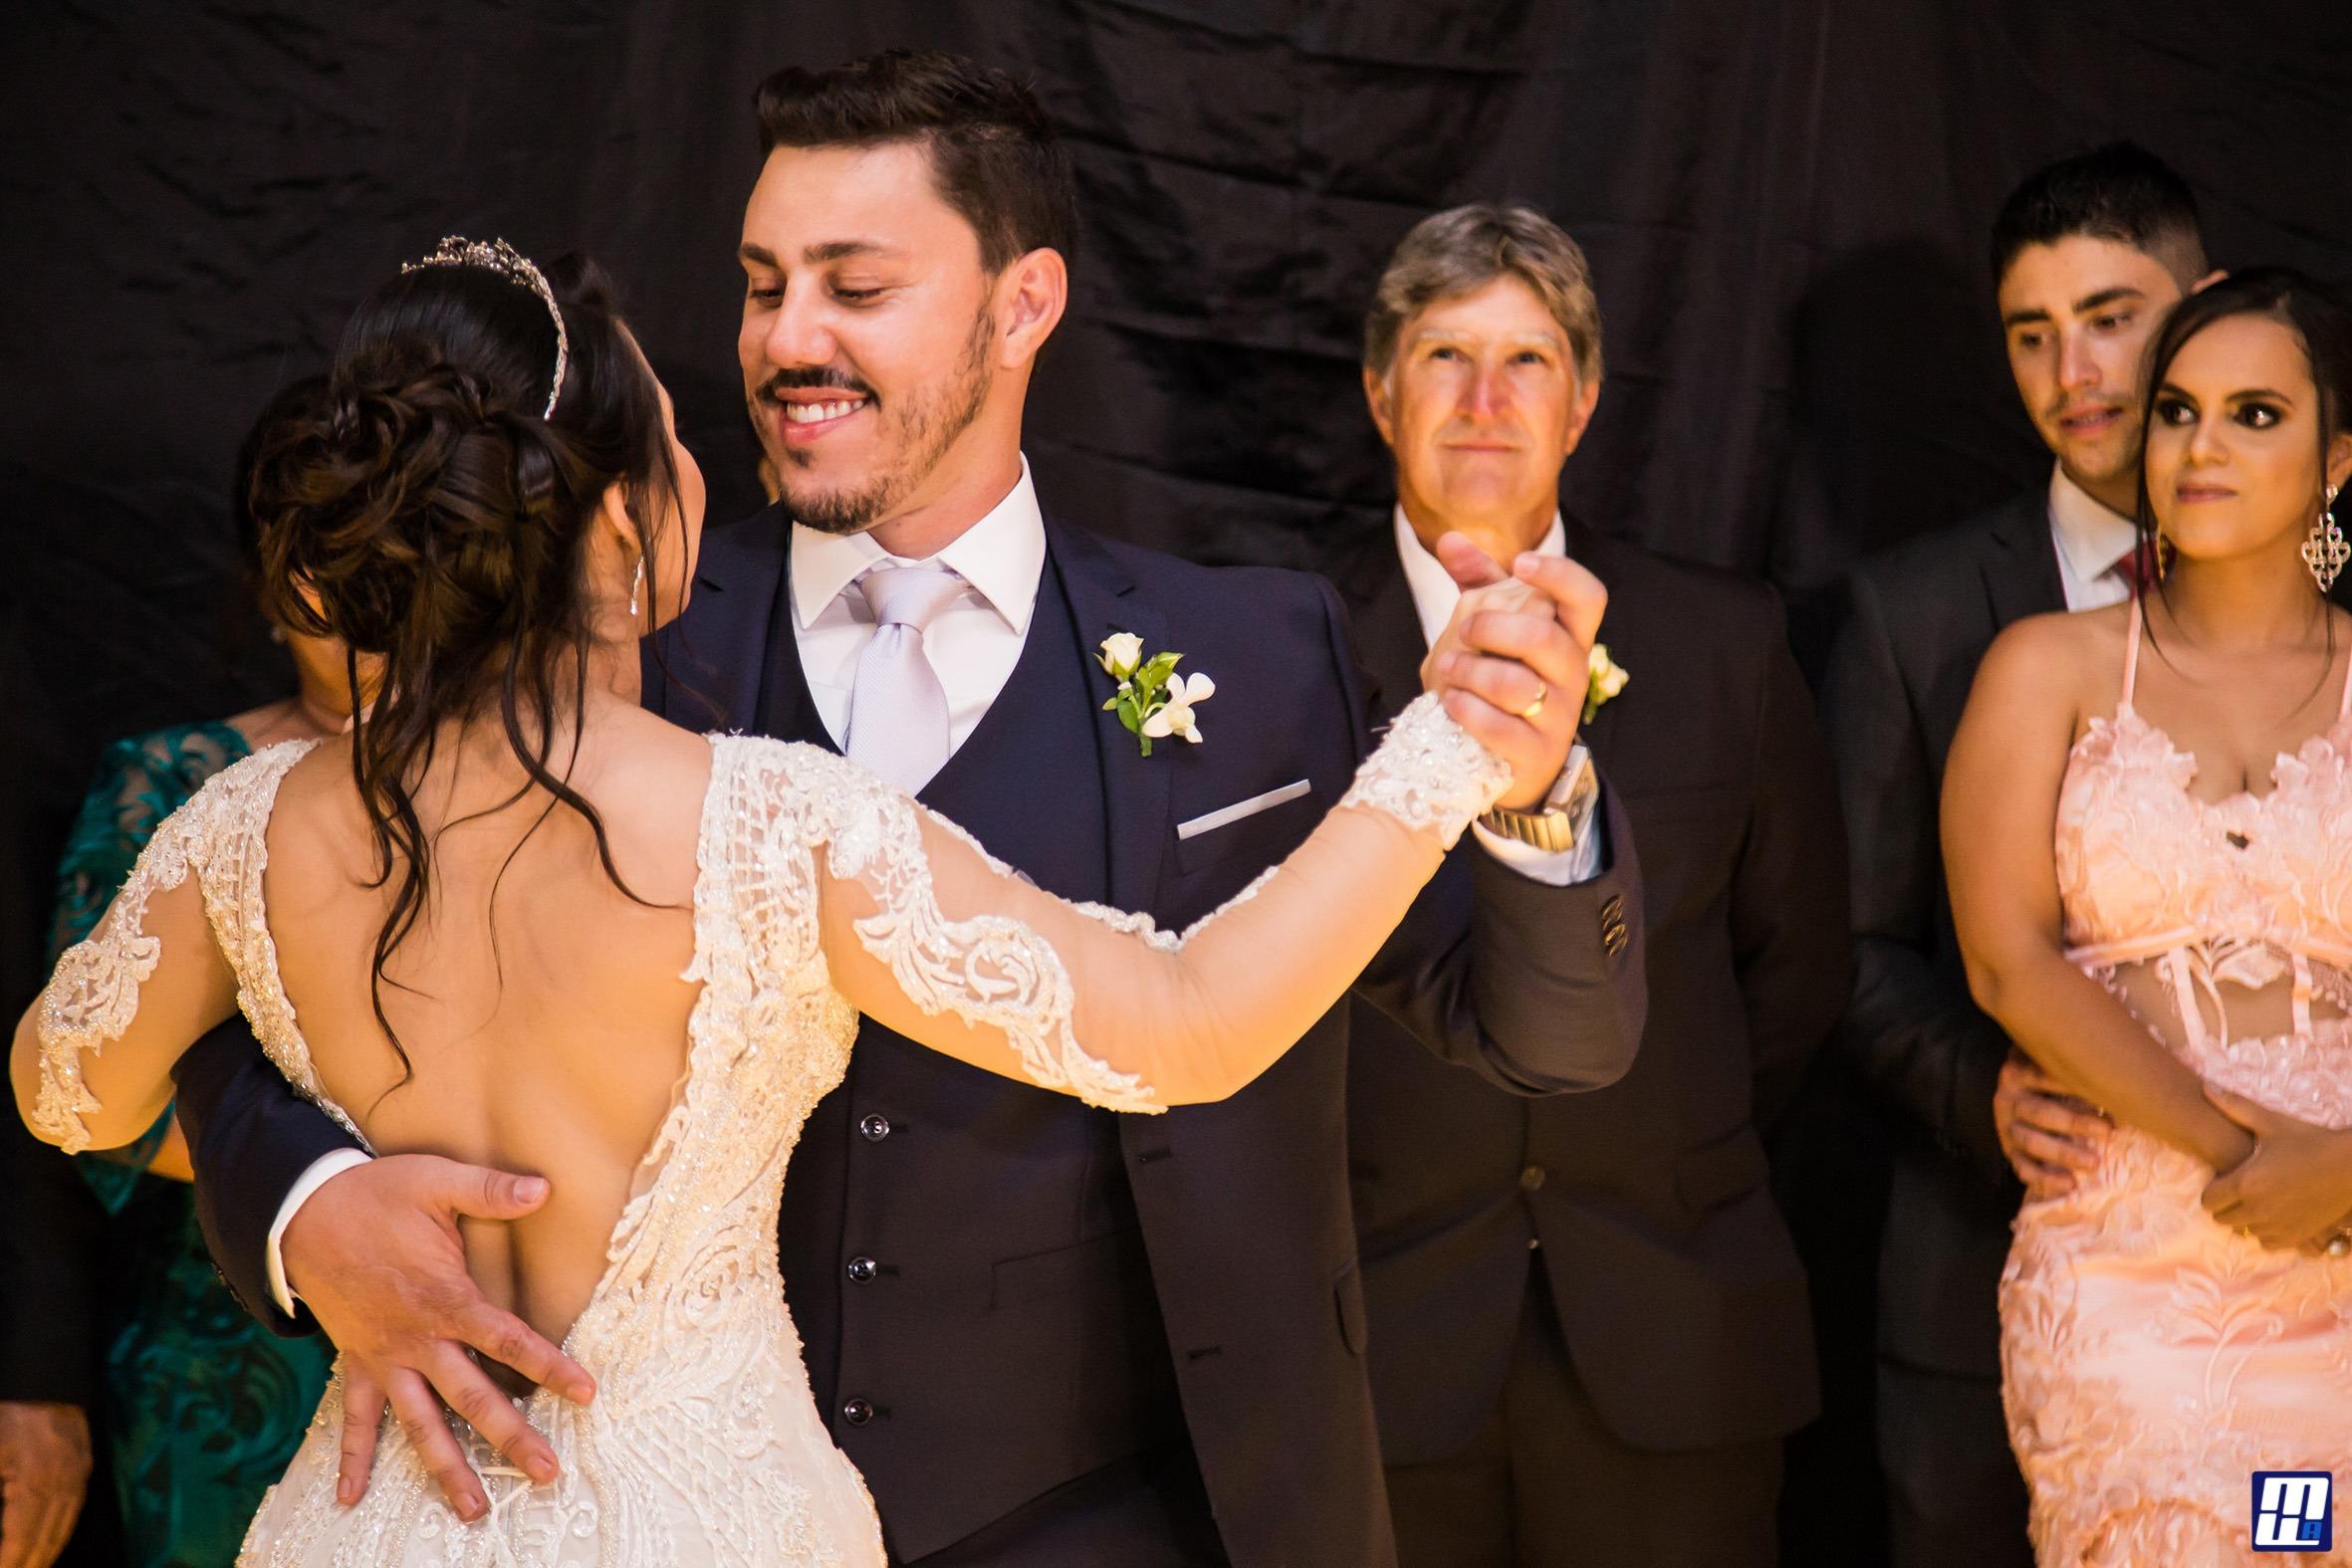 Casamento em Formiga - Riquelme e Felipe - Zephora Alta Costura - Foto Marcelo Faria